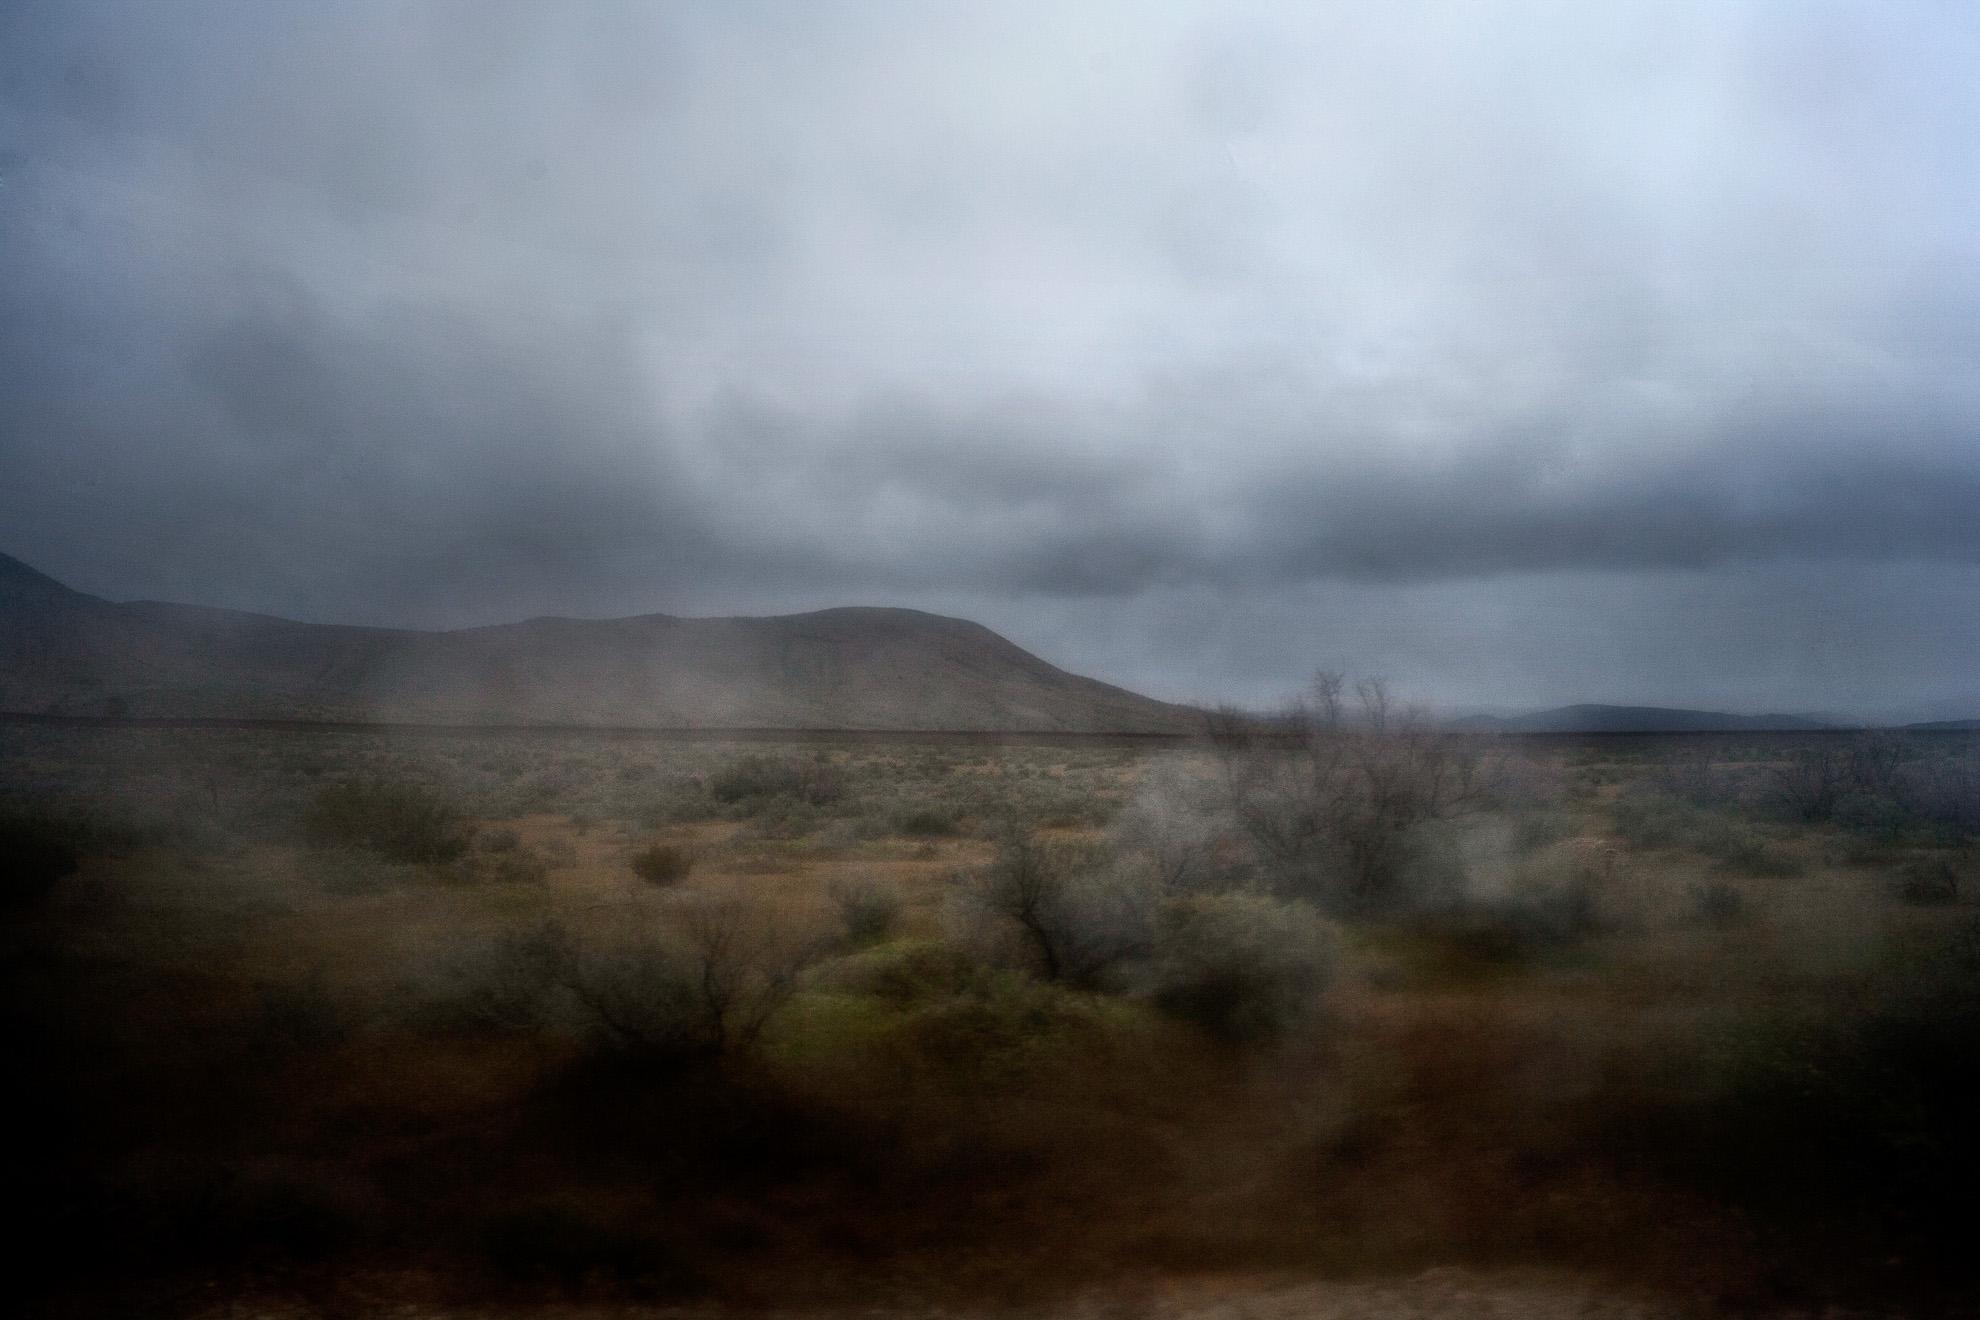 Messico -Baja California- Jacumè 2011. En la zona fronte-riza, se aprecia en el horizonte el muro que separa México de Estados Unidos. Esta zona del Sur de California es uno de los enclaves utilizados por los migrantes para cruzar la frontera.